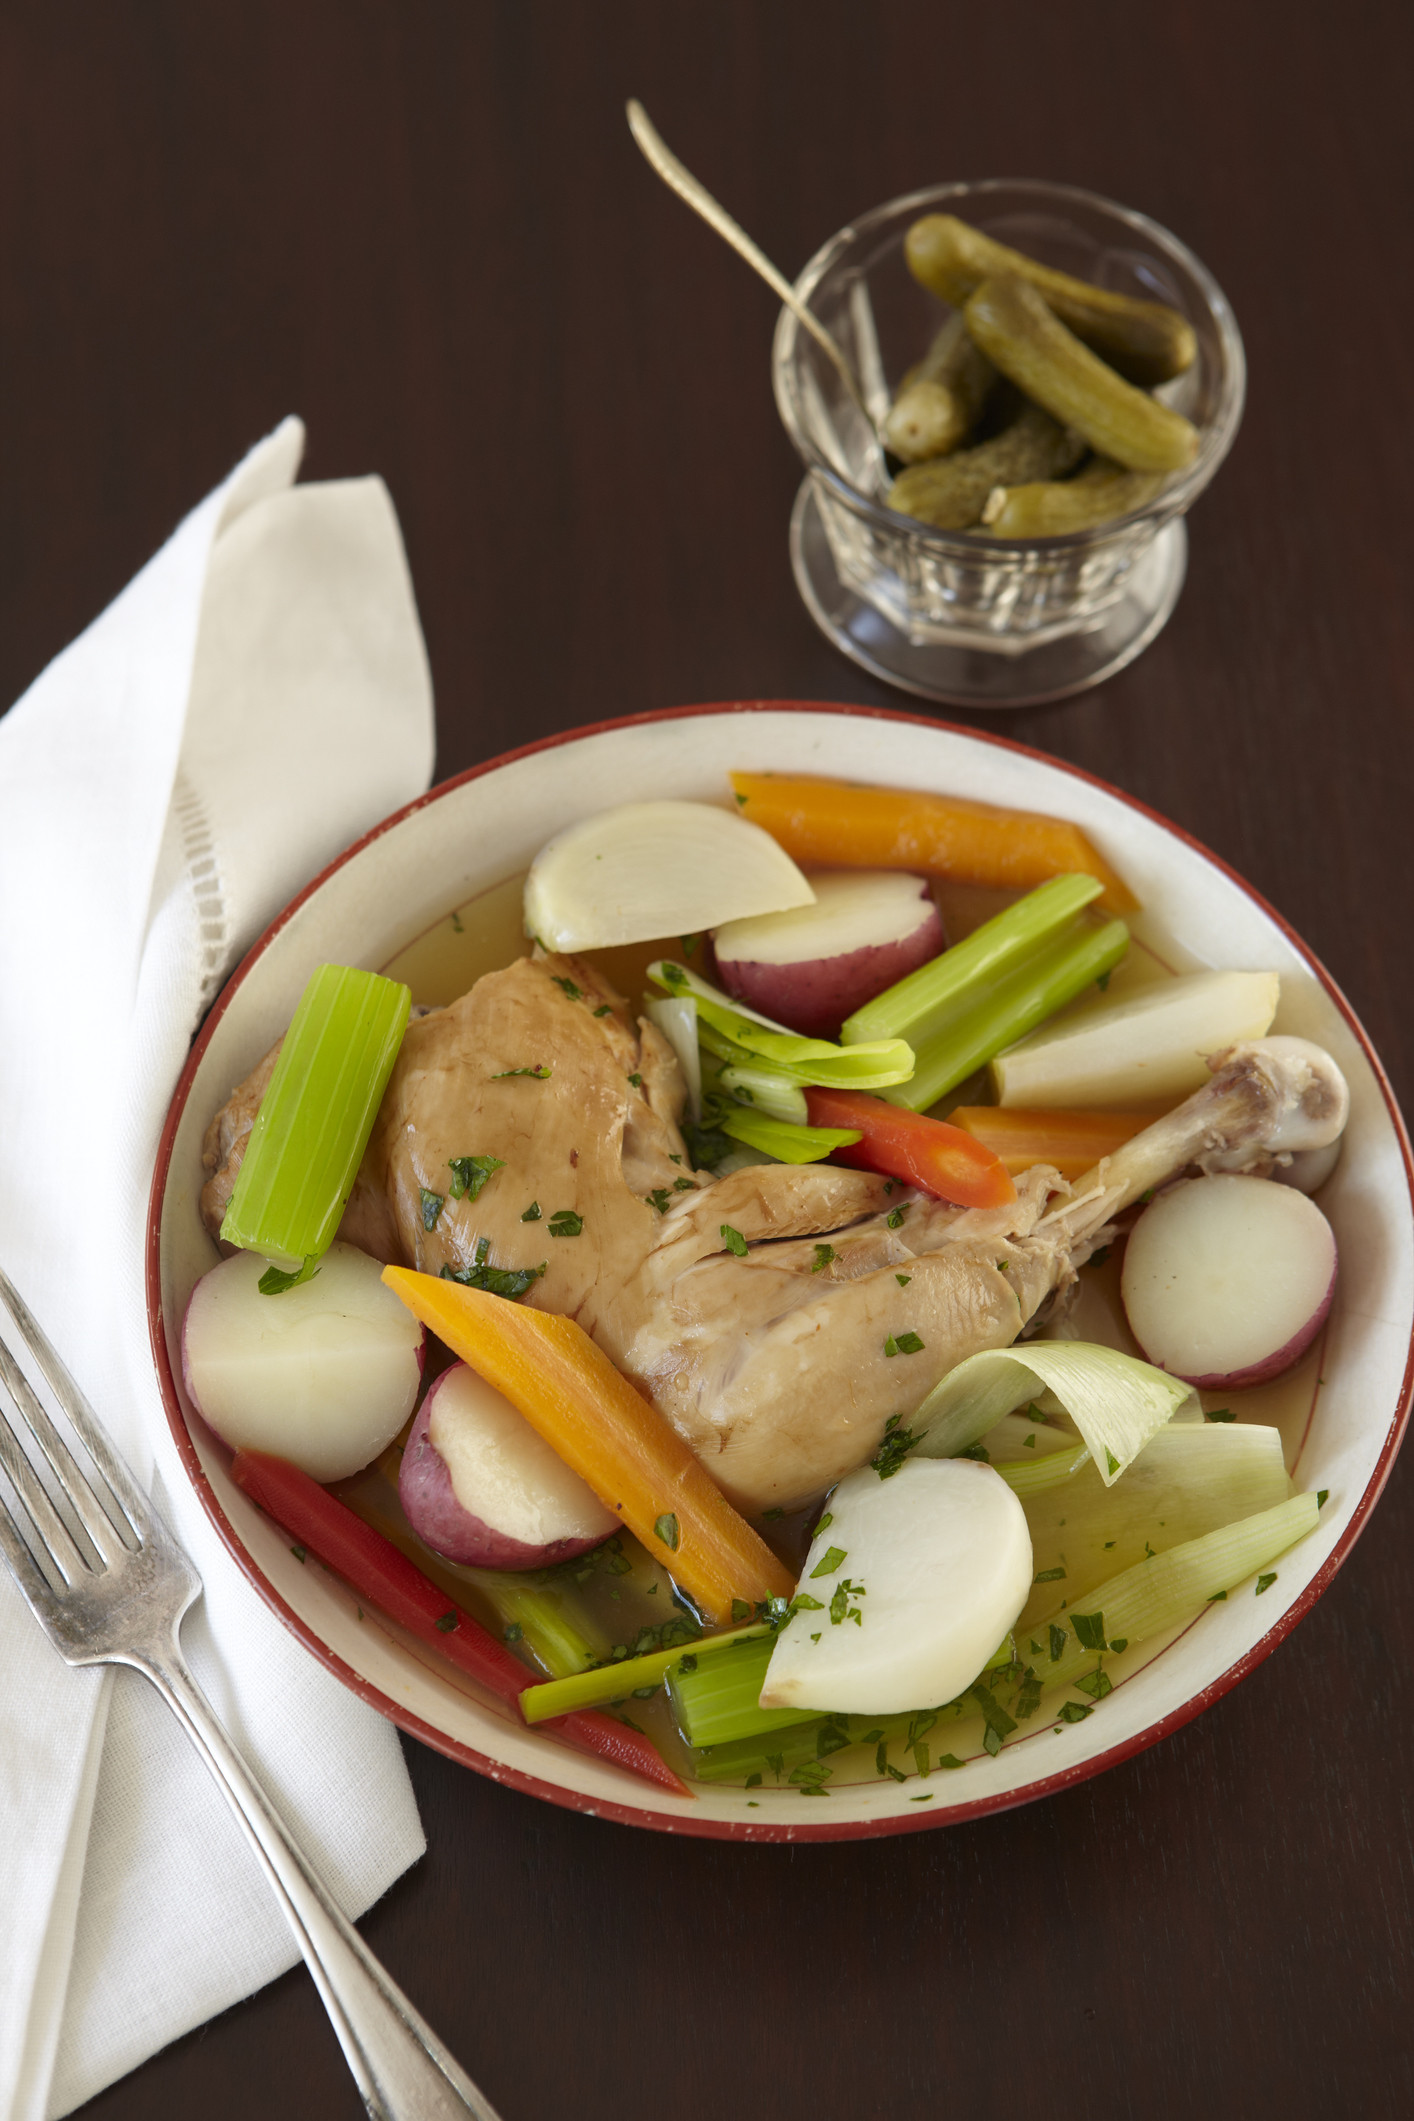 Смотреть Курица в кисло-сладком соусе по-китайски: подборка лучших рецептов с фото видео